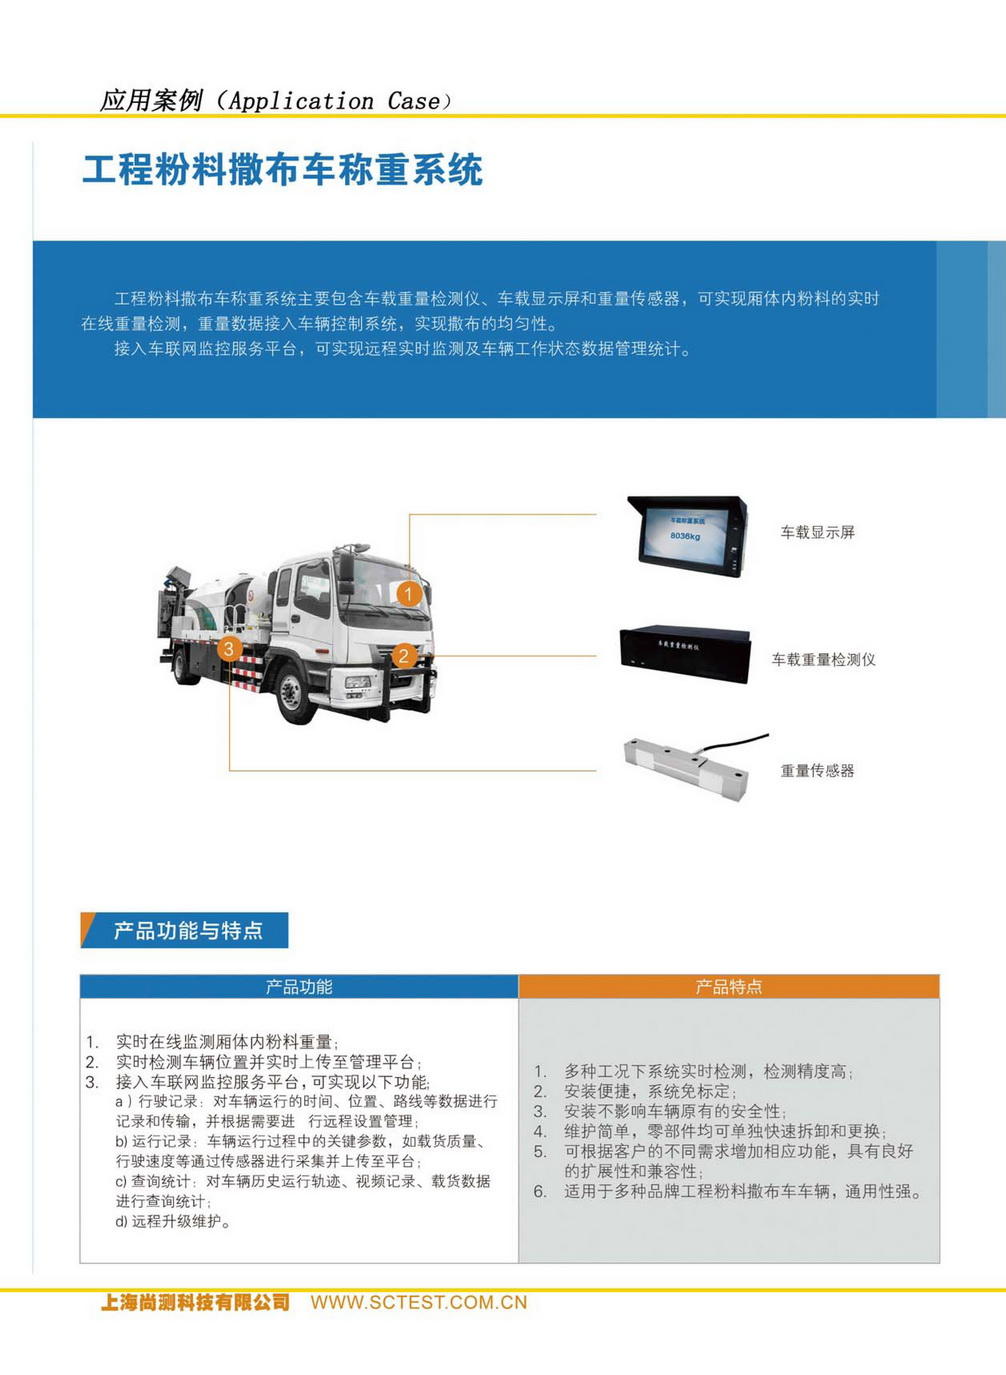 尚测科技产品选型手册 V1.3_页面_87_调整大小.jpg